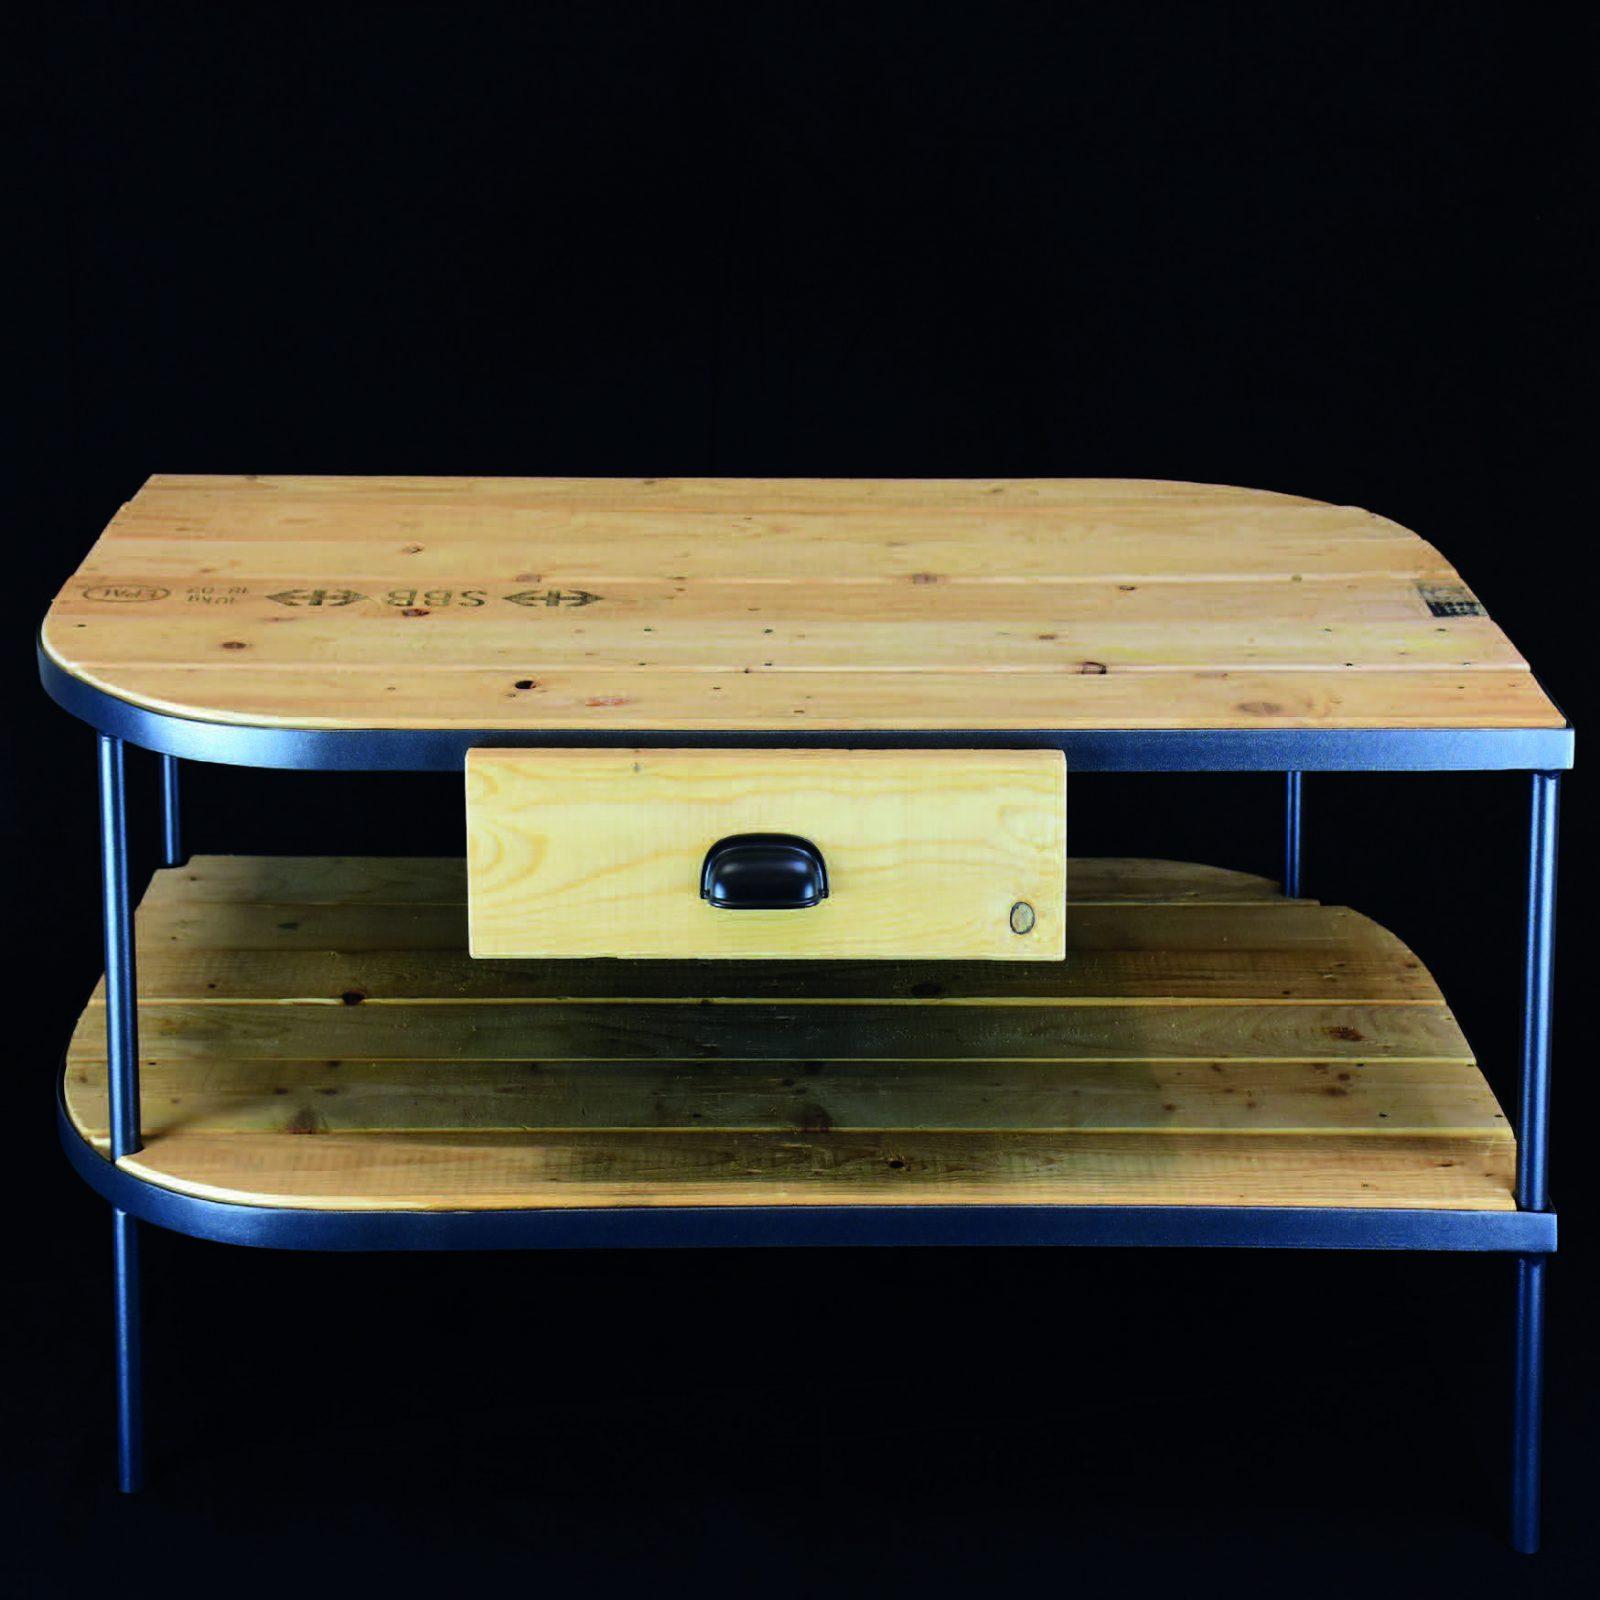 Möbel im Industriedesign